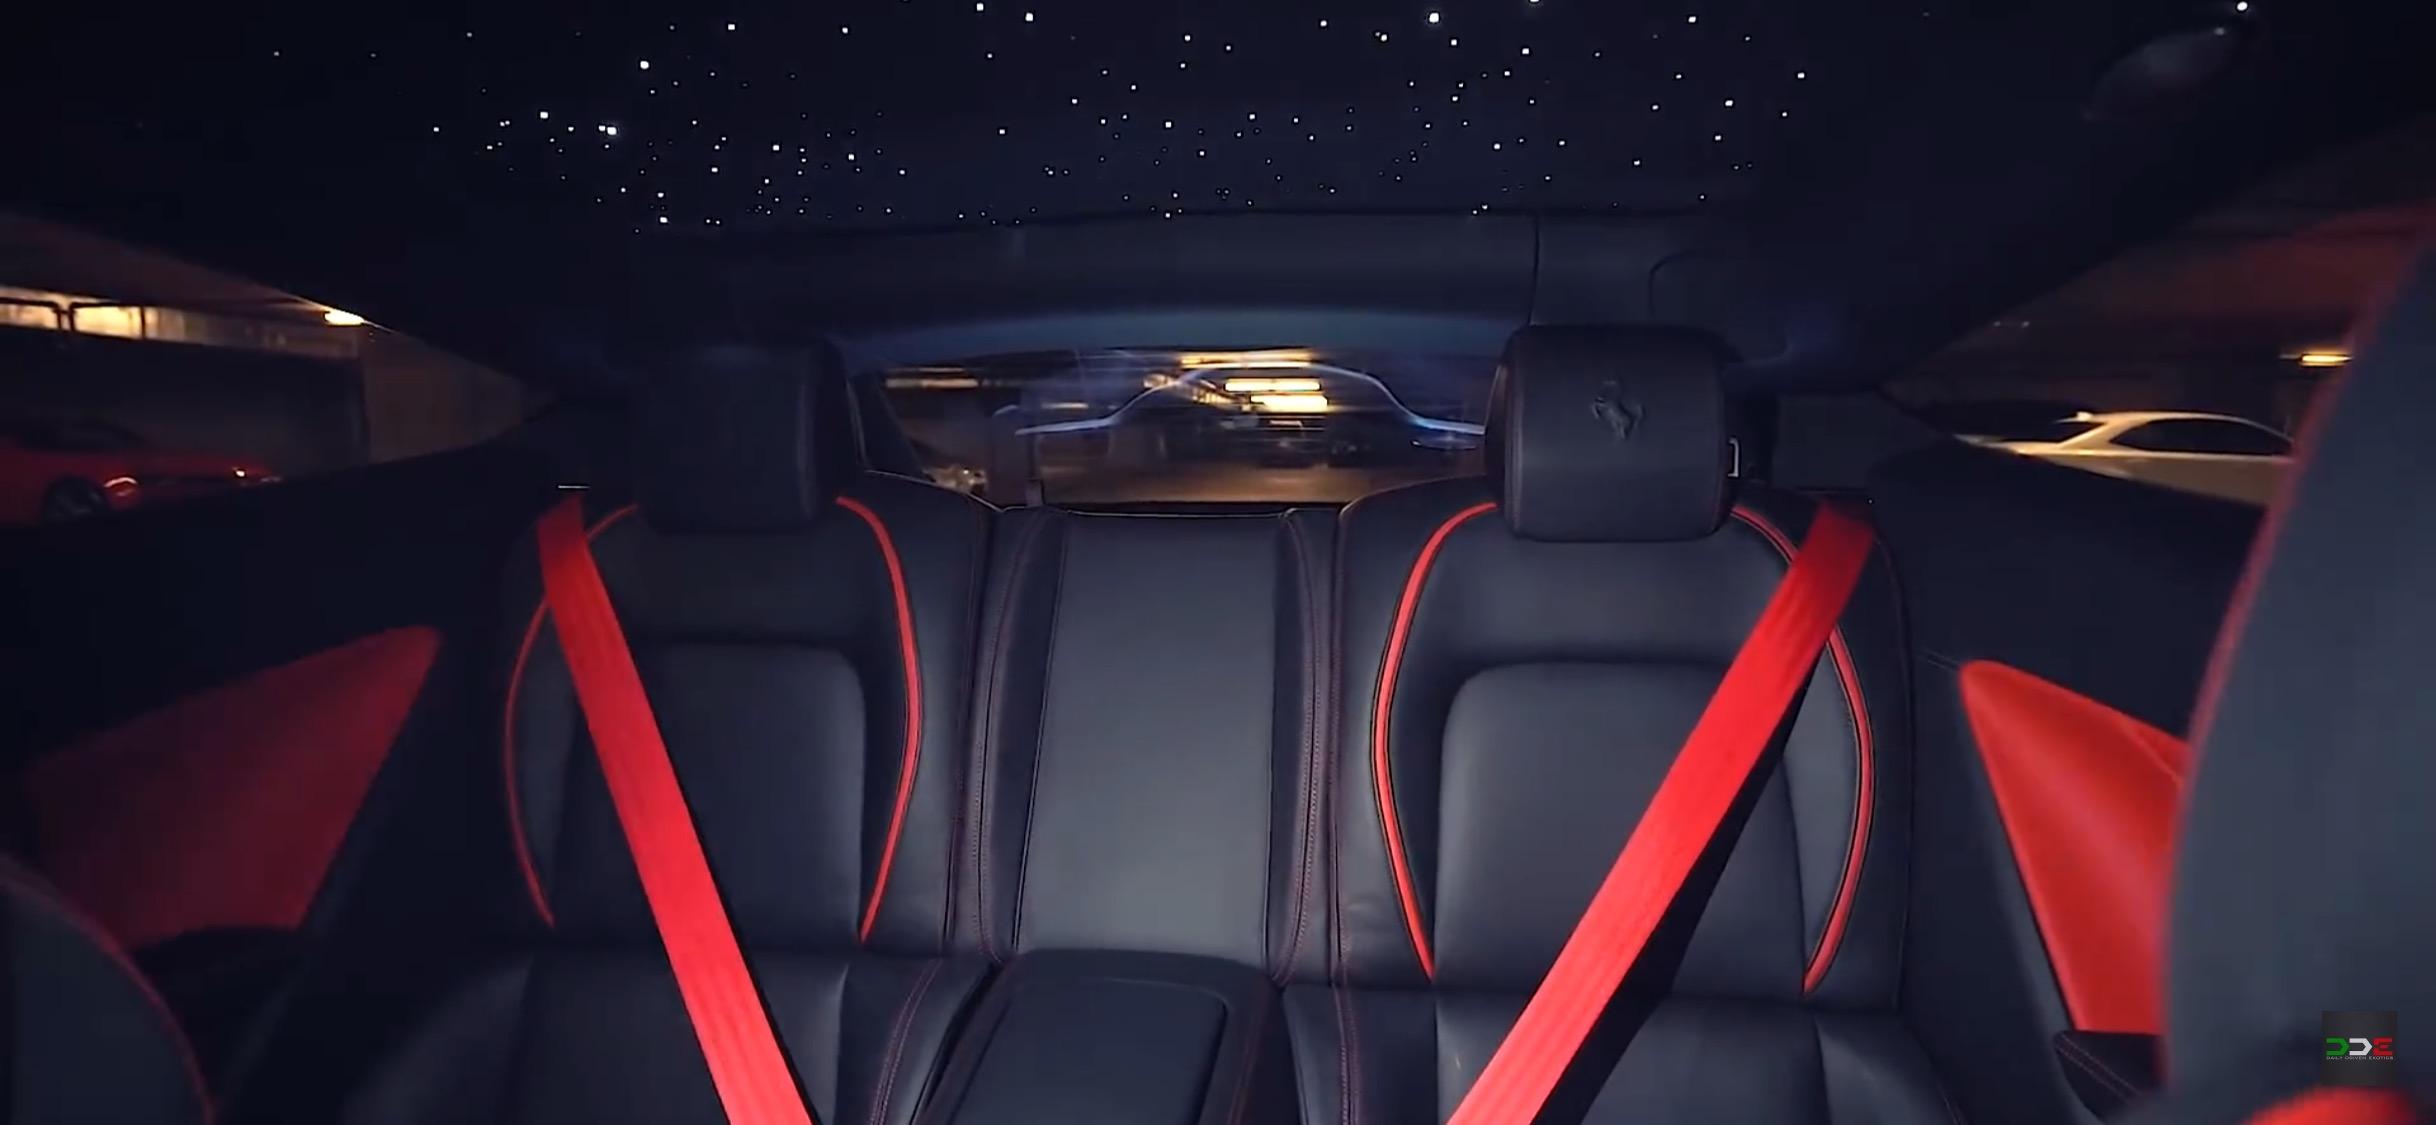 Ferrari Red Seat Belts